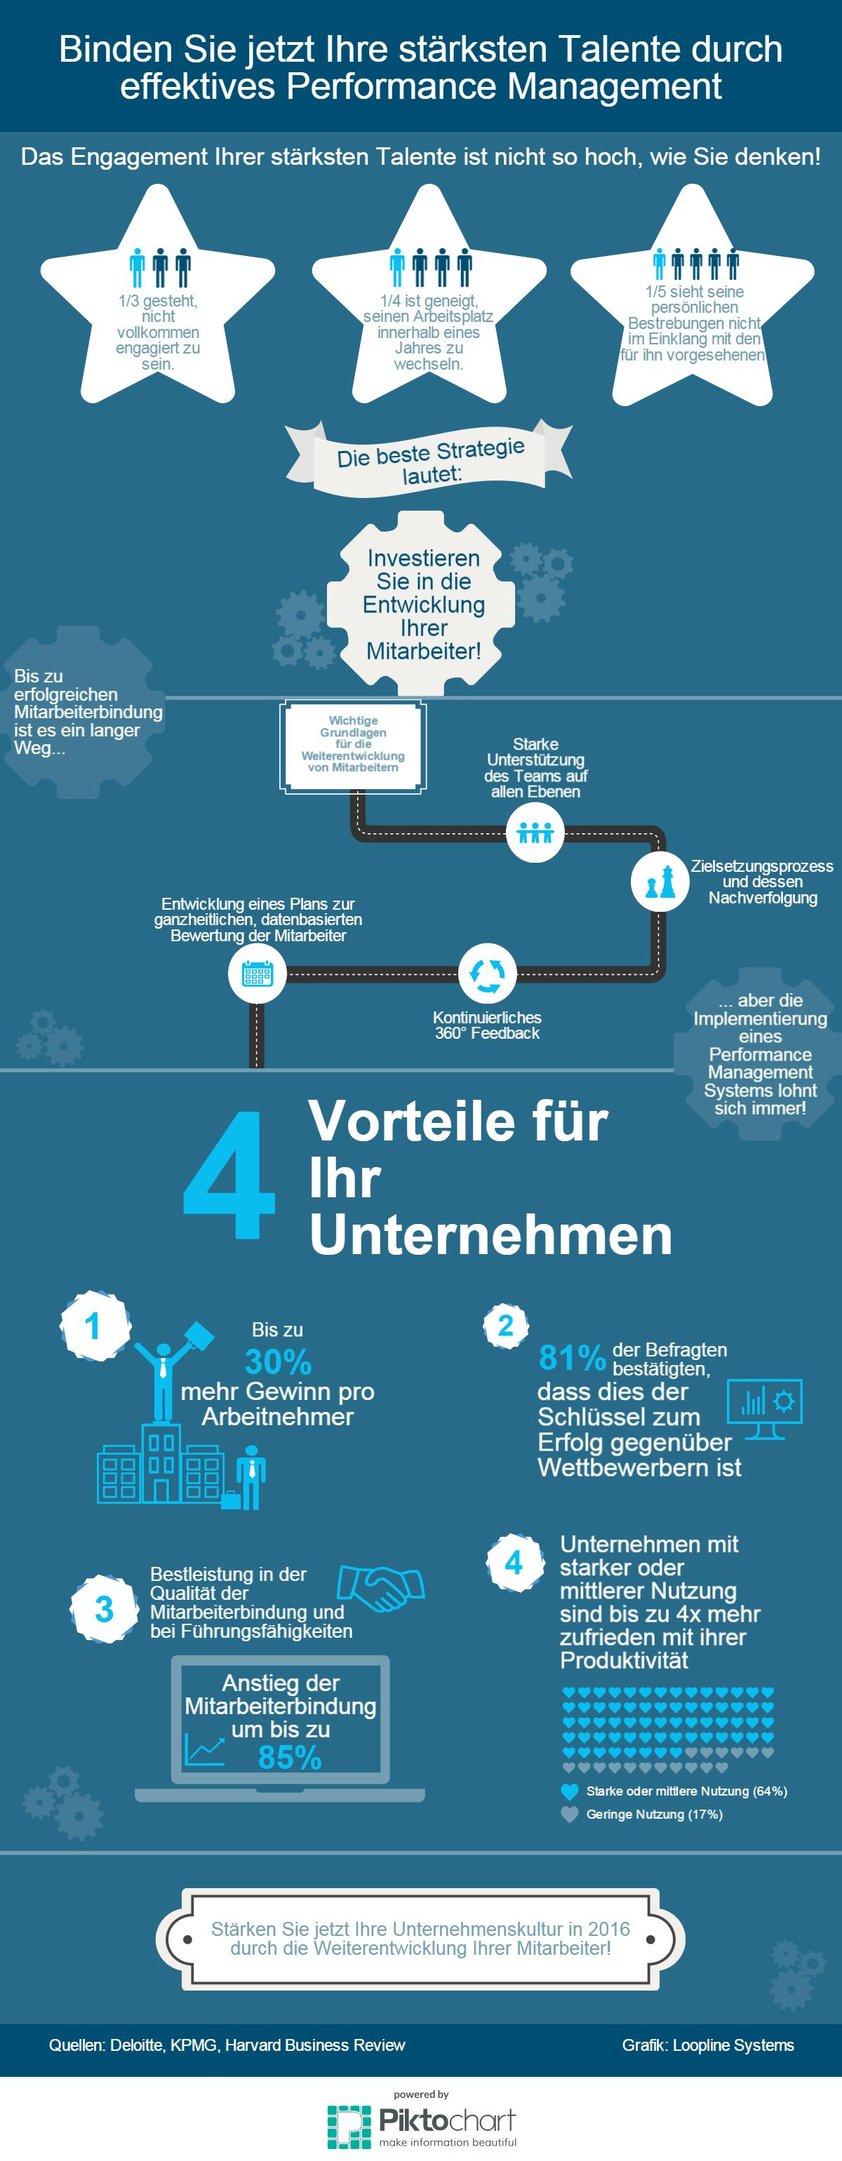 Attraktiver_Arbeitgeber_loopline_systems